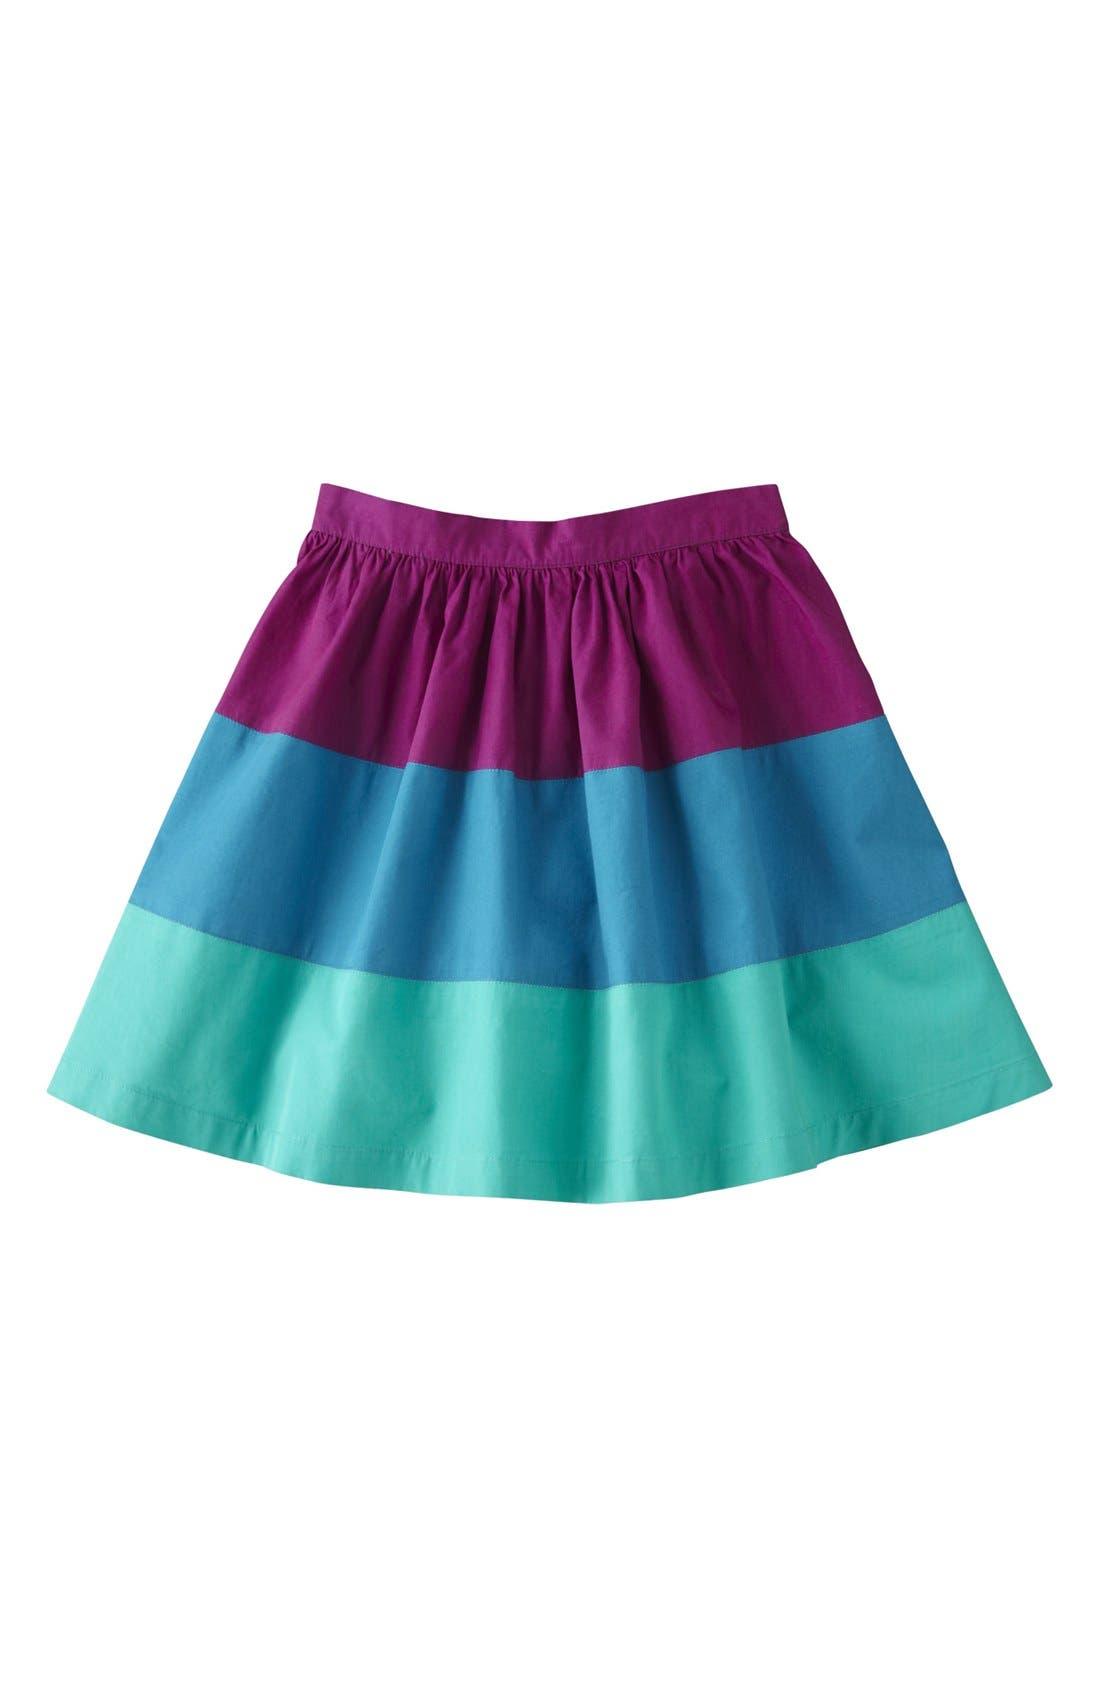 Alternate Image 1 Selected - Mini Boden Colorblock Skirt (Toddler Girls, Little Girls & Big Girls)